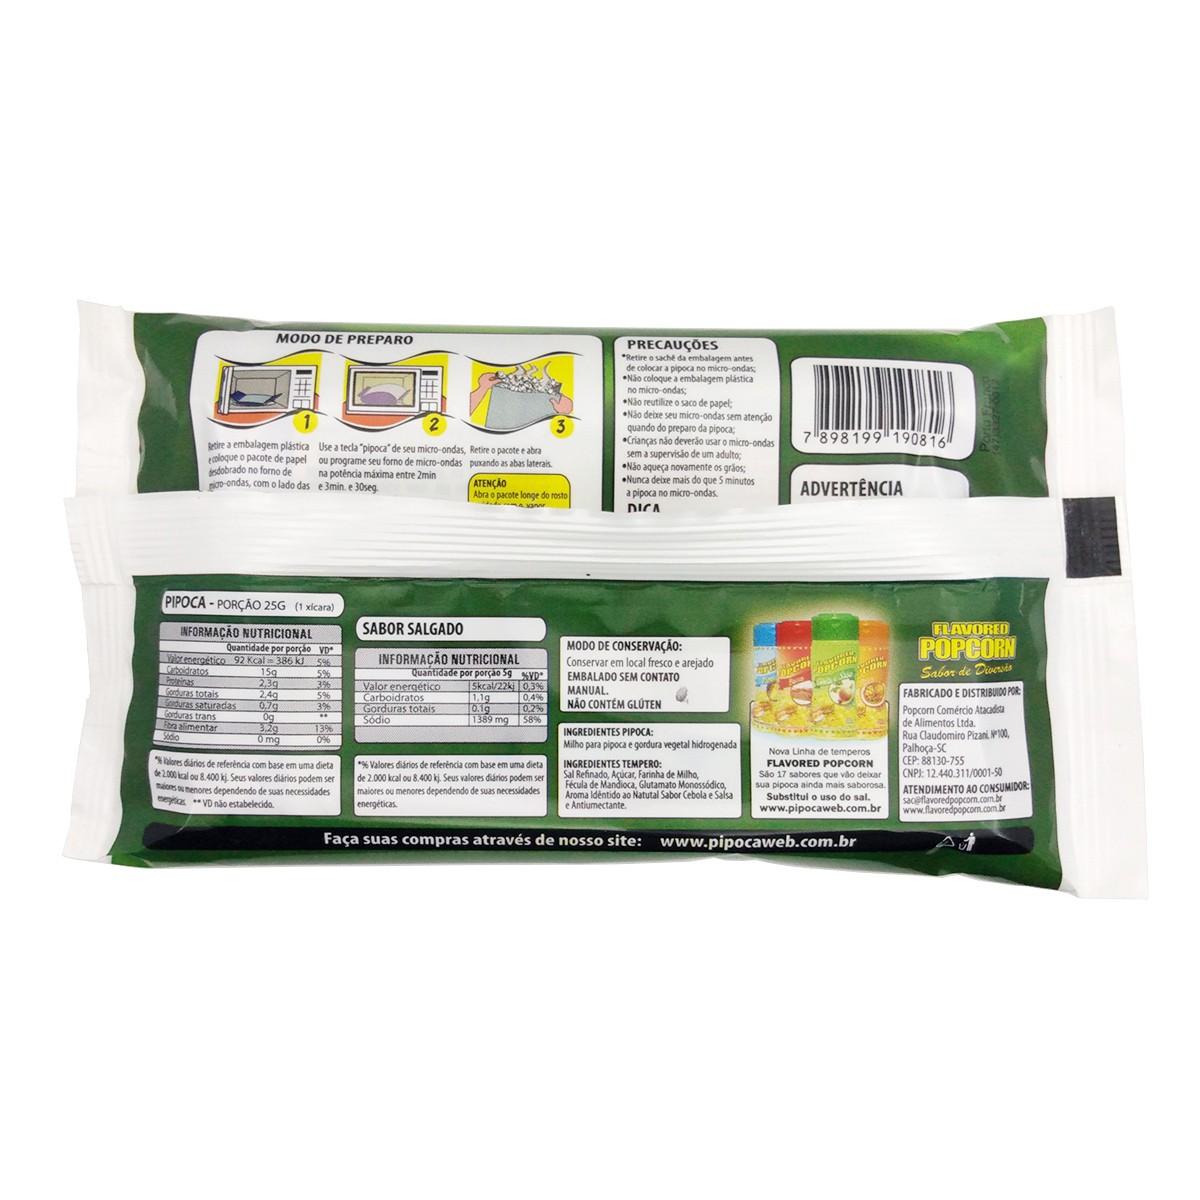 Pipoca Microondas c/ sachê CEBOLA E SALSA - Caixas com 06 Bags ou 16 Bags